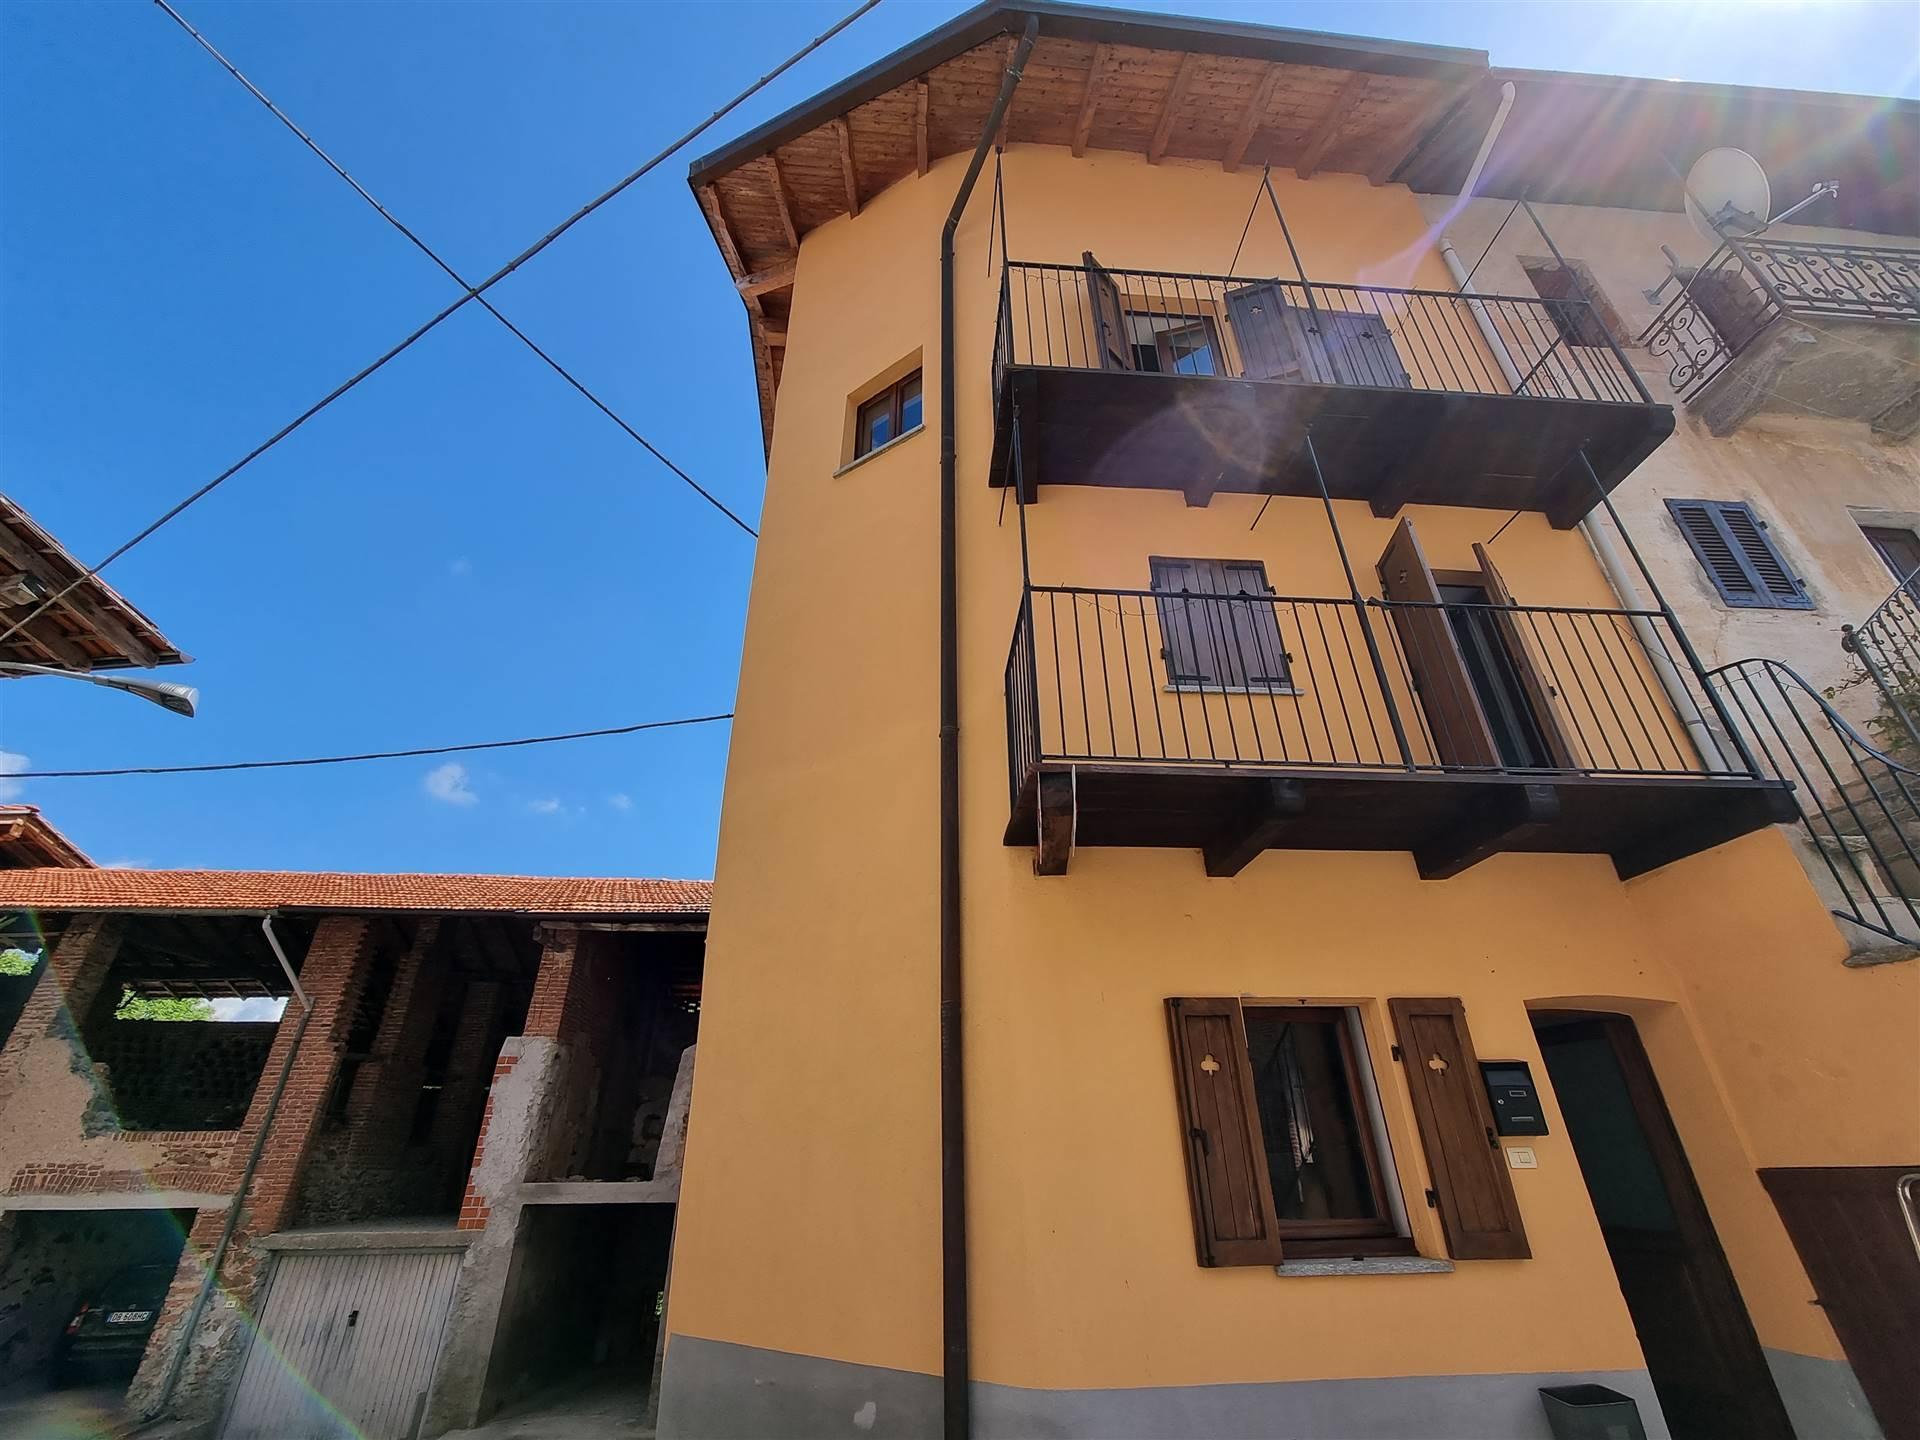 Soluzione Semindipendente in vendita a Roasio, 4 locali, zona Località: SANTEUSEBIO, prezzo € 110.000 | CambioCasa.it